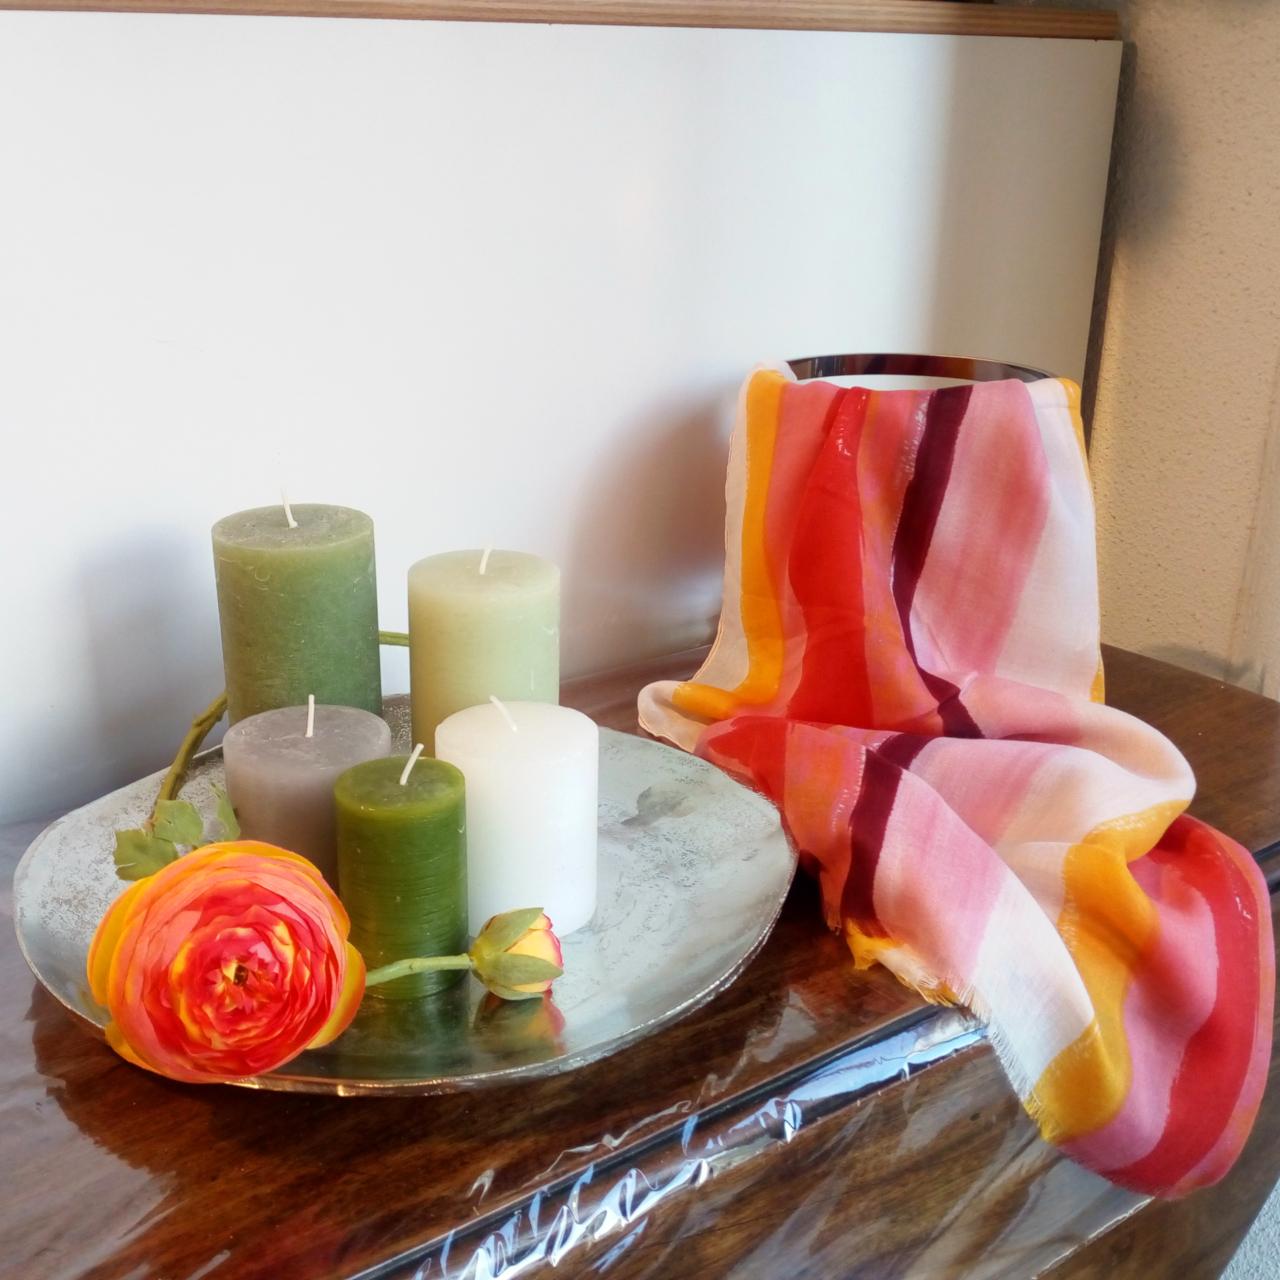 Wohnstudio Dekoration Geschenke Kerzen Einrichtung Blumen Silberteller Tücher Quadrat